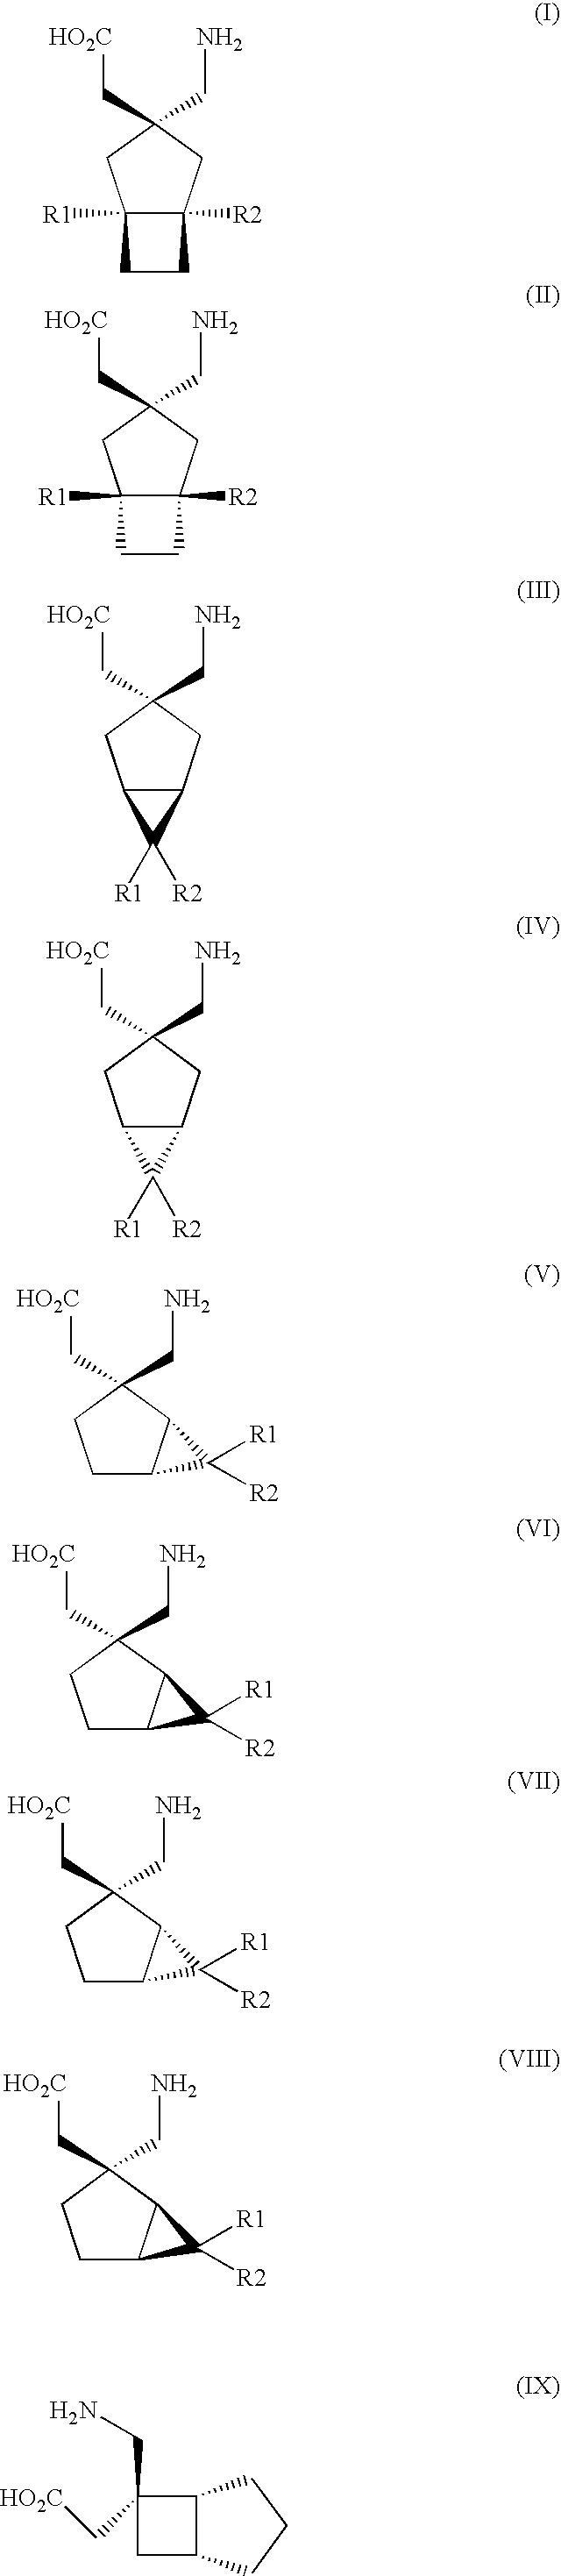 Figure US20060247311A1-20061102-C00011